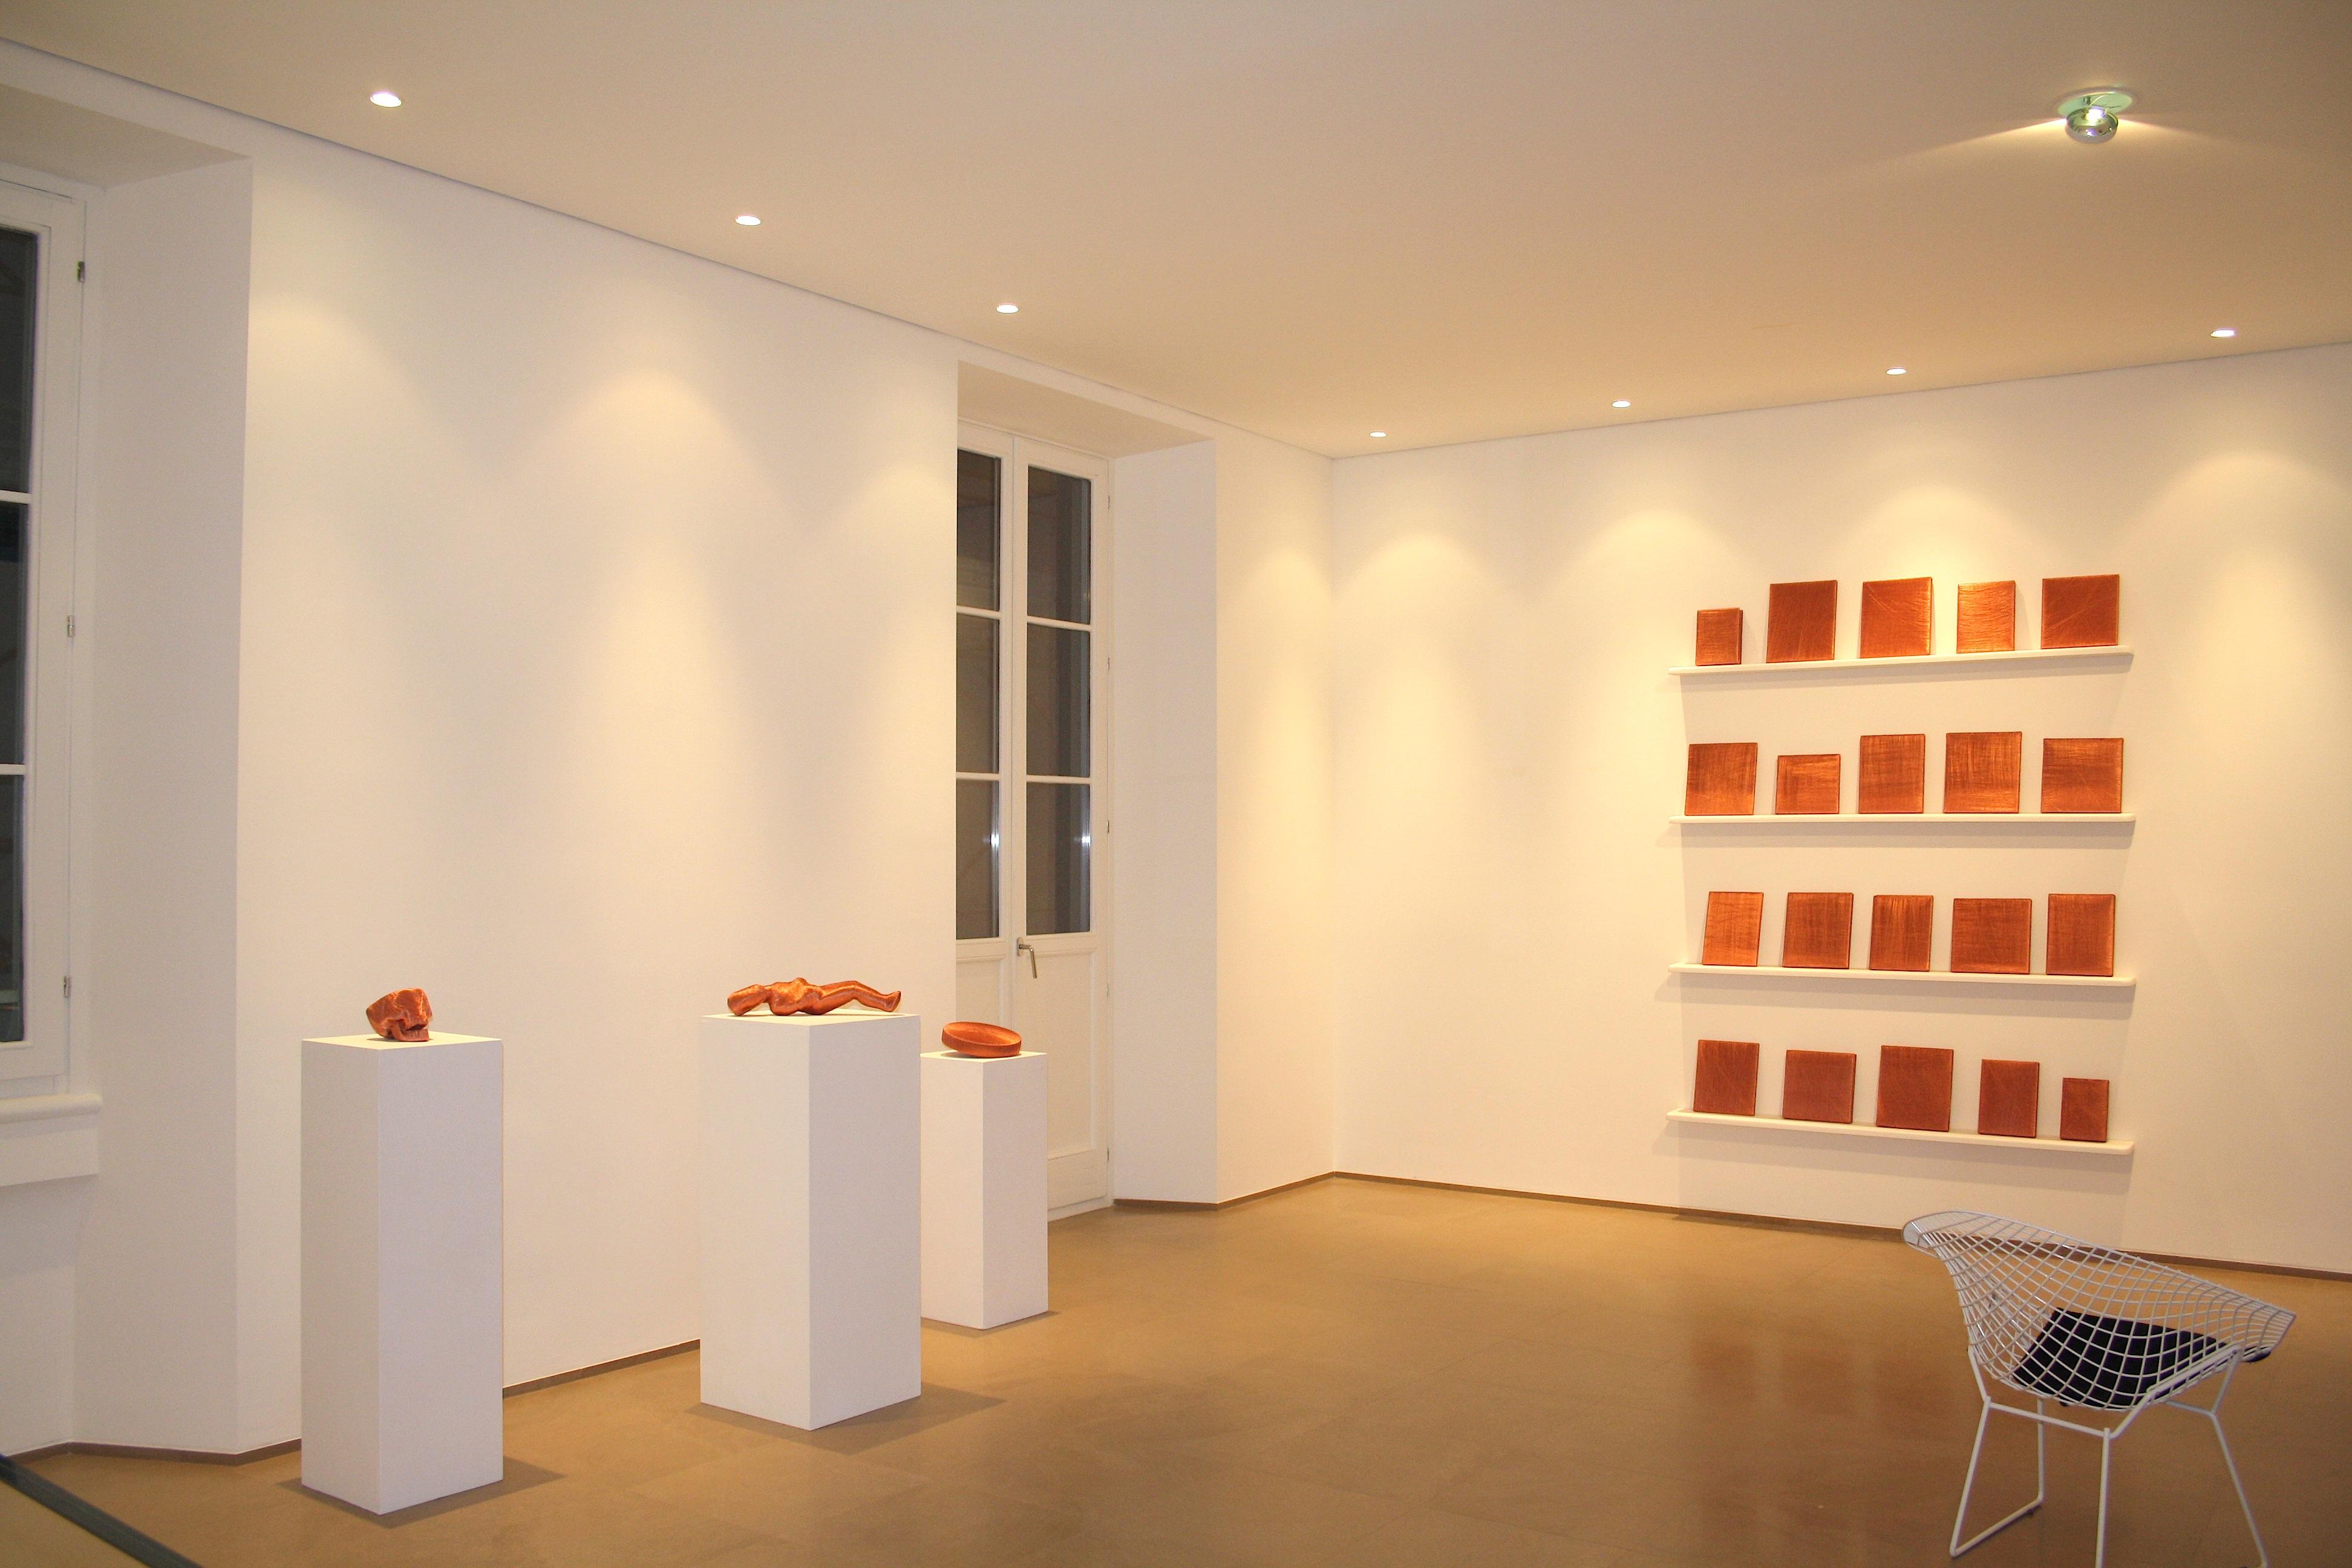 Veduta della mostra Alice Anderson's Timescale, Artopia, Milano